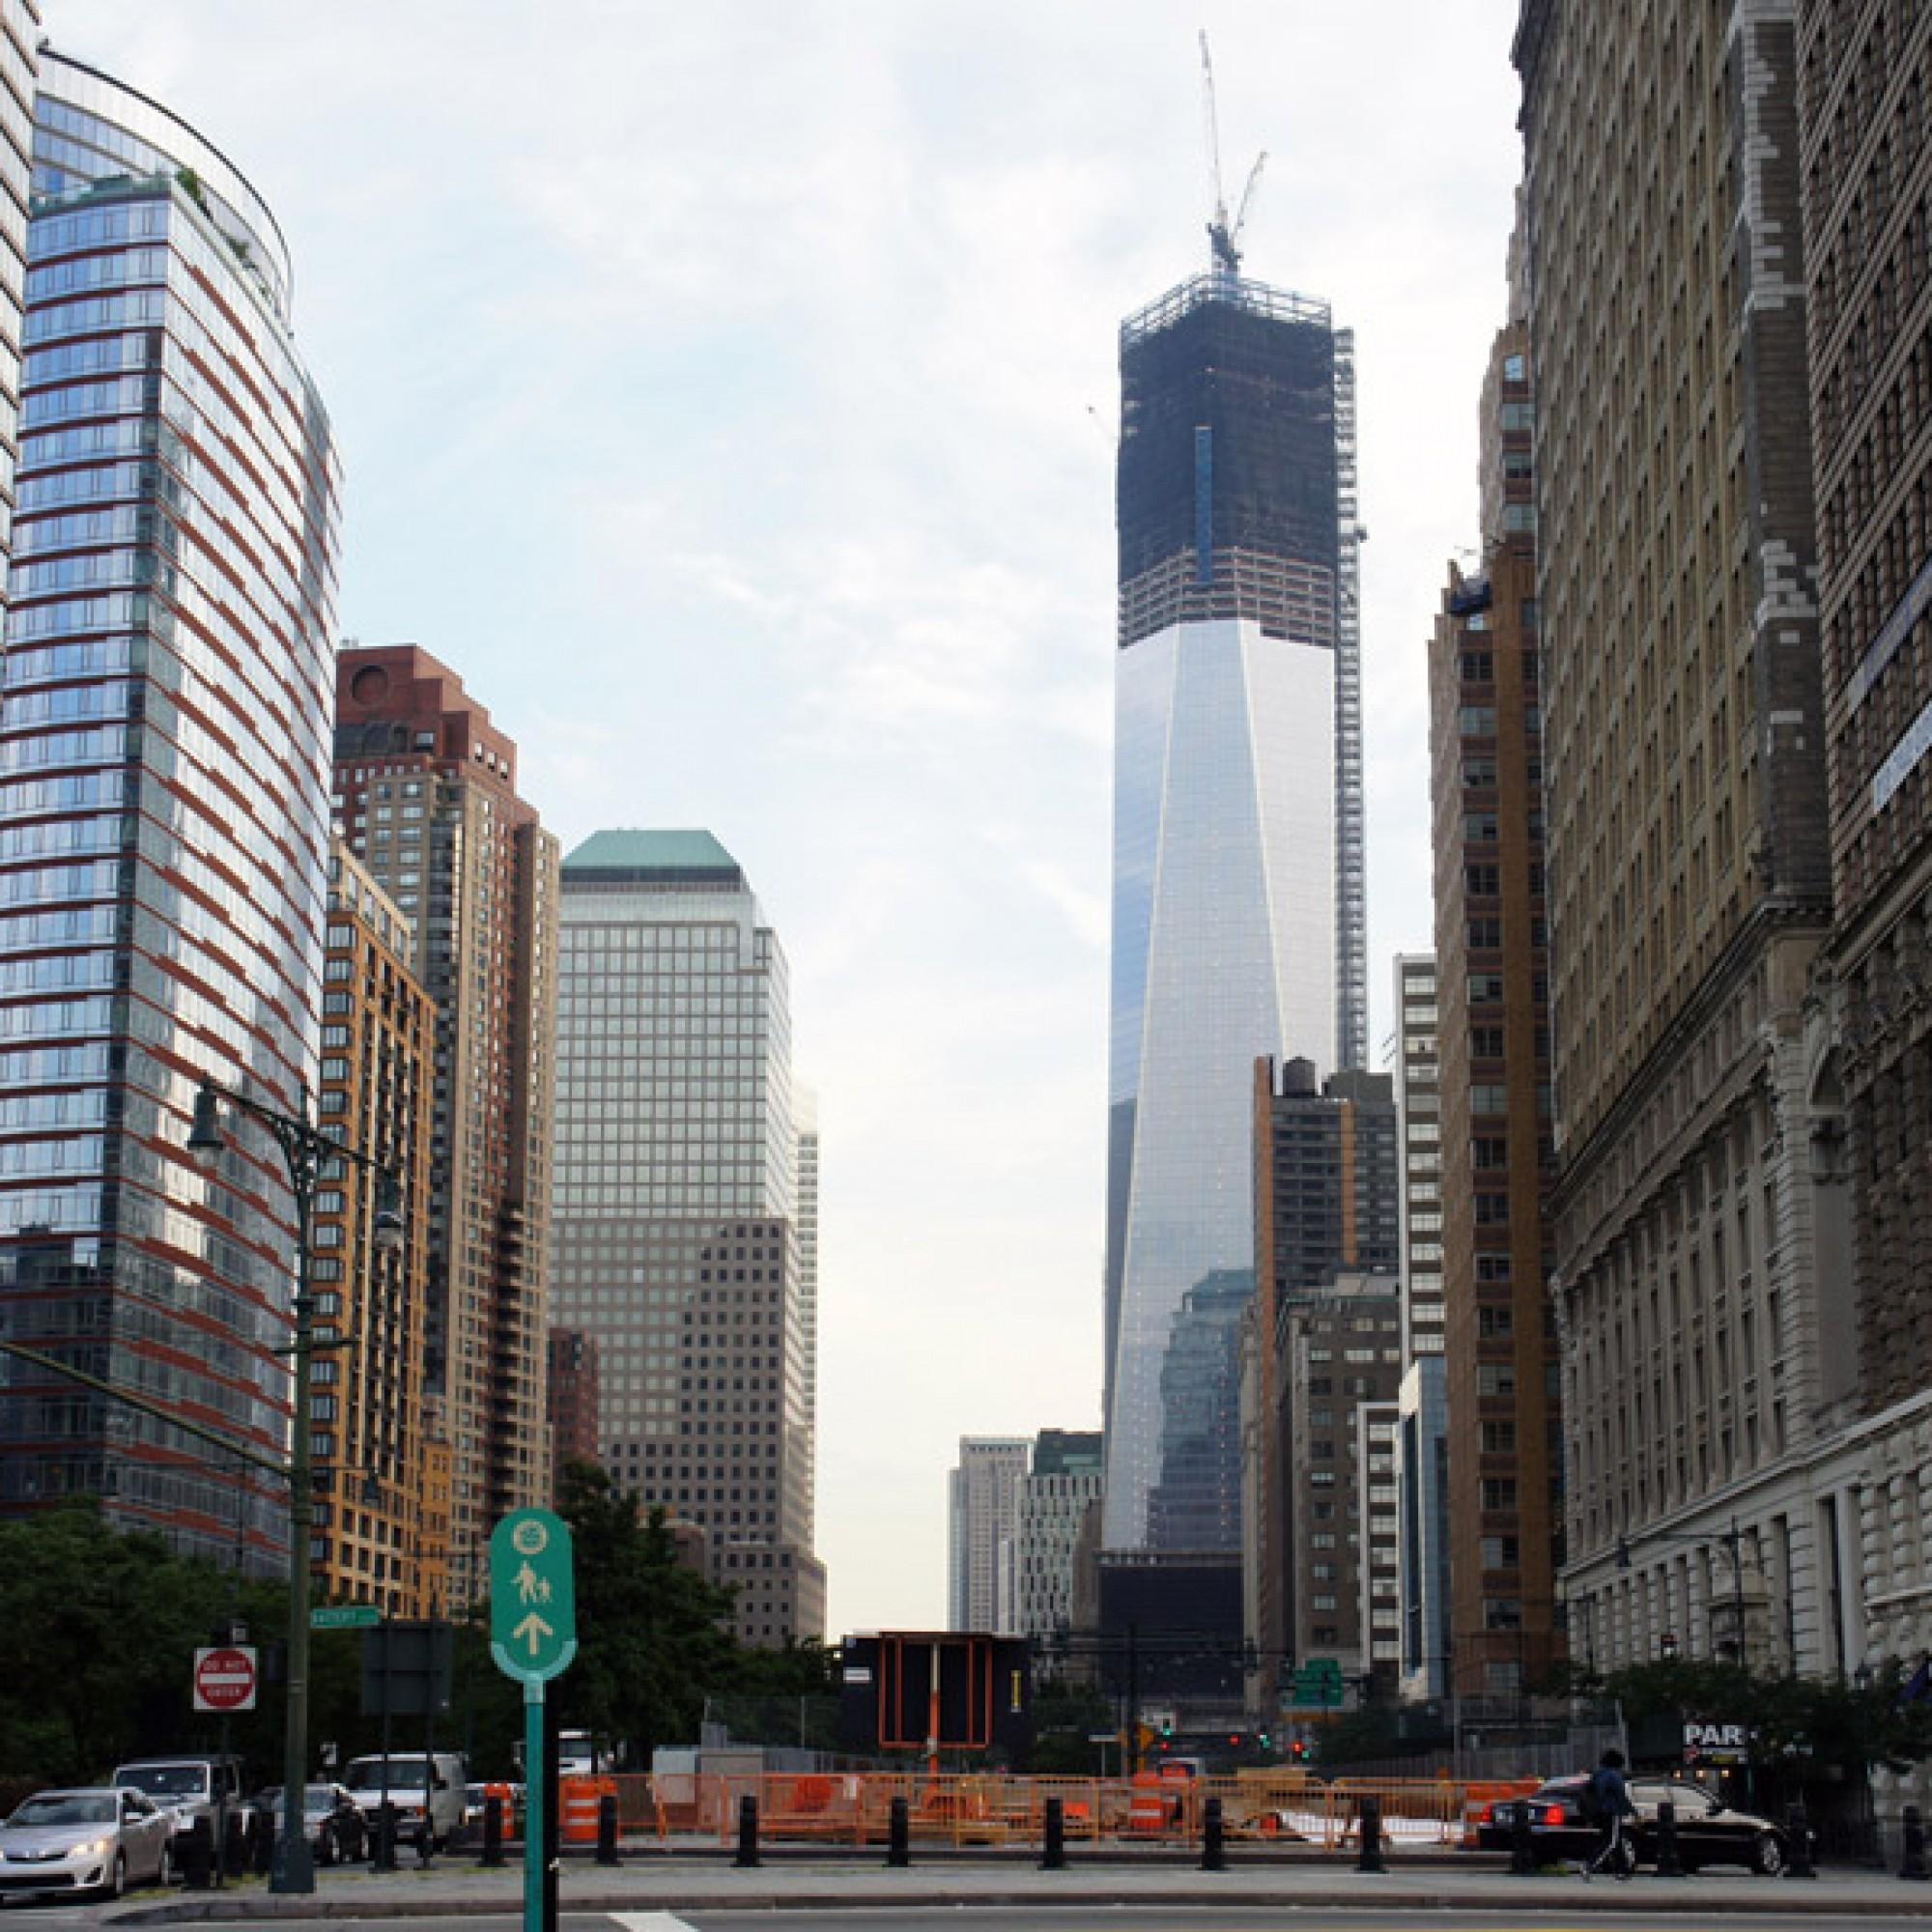 Der höchste Turm der Vereinigten Staaten: das 1 WTC. (Camila Santos Ferreira Mario Roberto Duran Ortiz, Wikimedia, CC